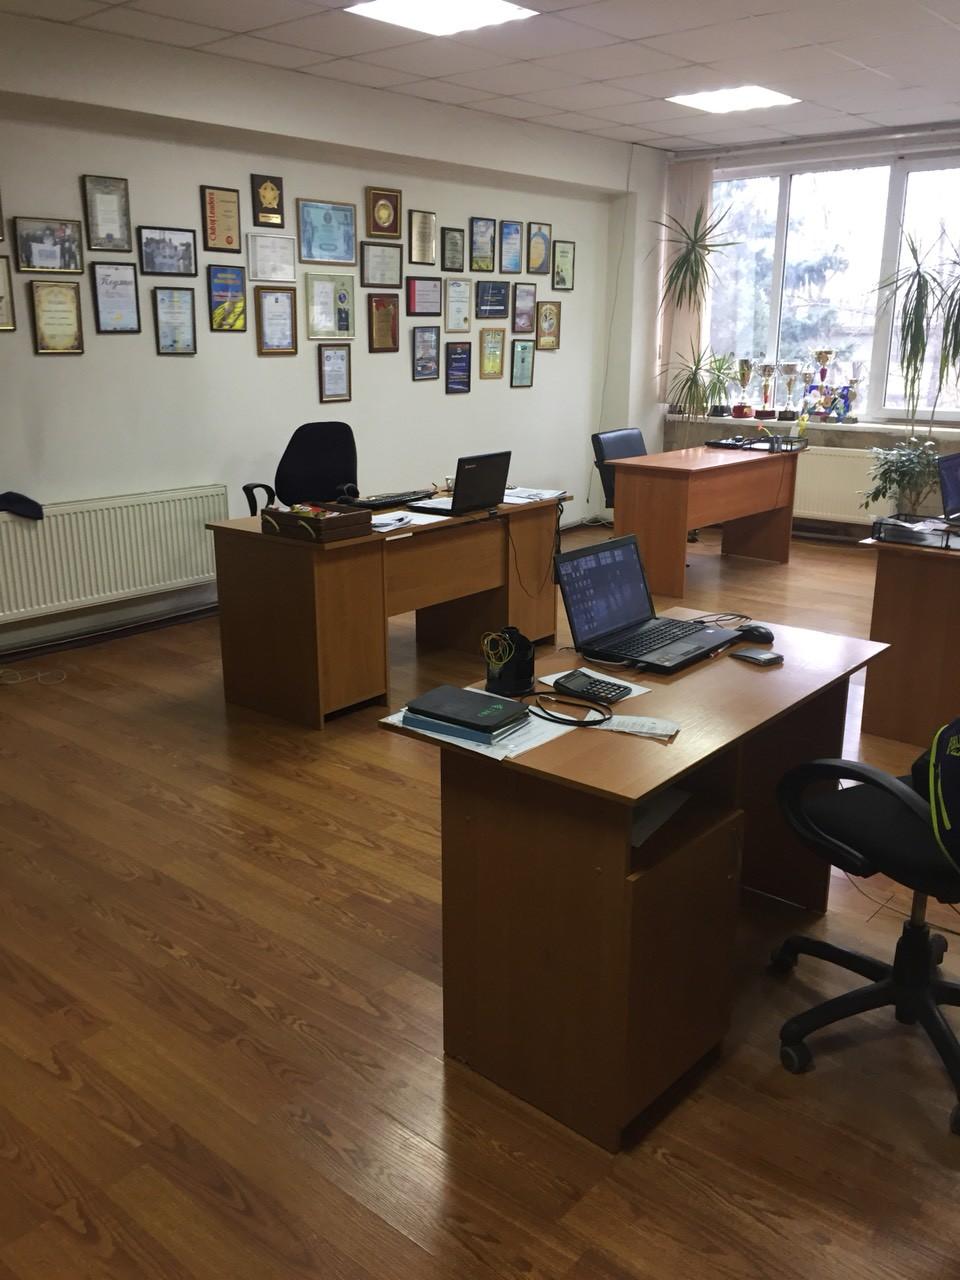 Нежитлове приміщення в м. Дніпро, площею 153,0 кв. м